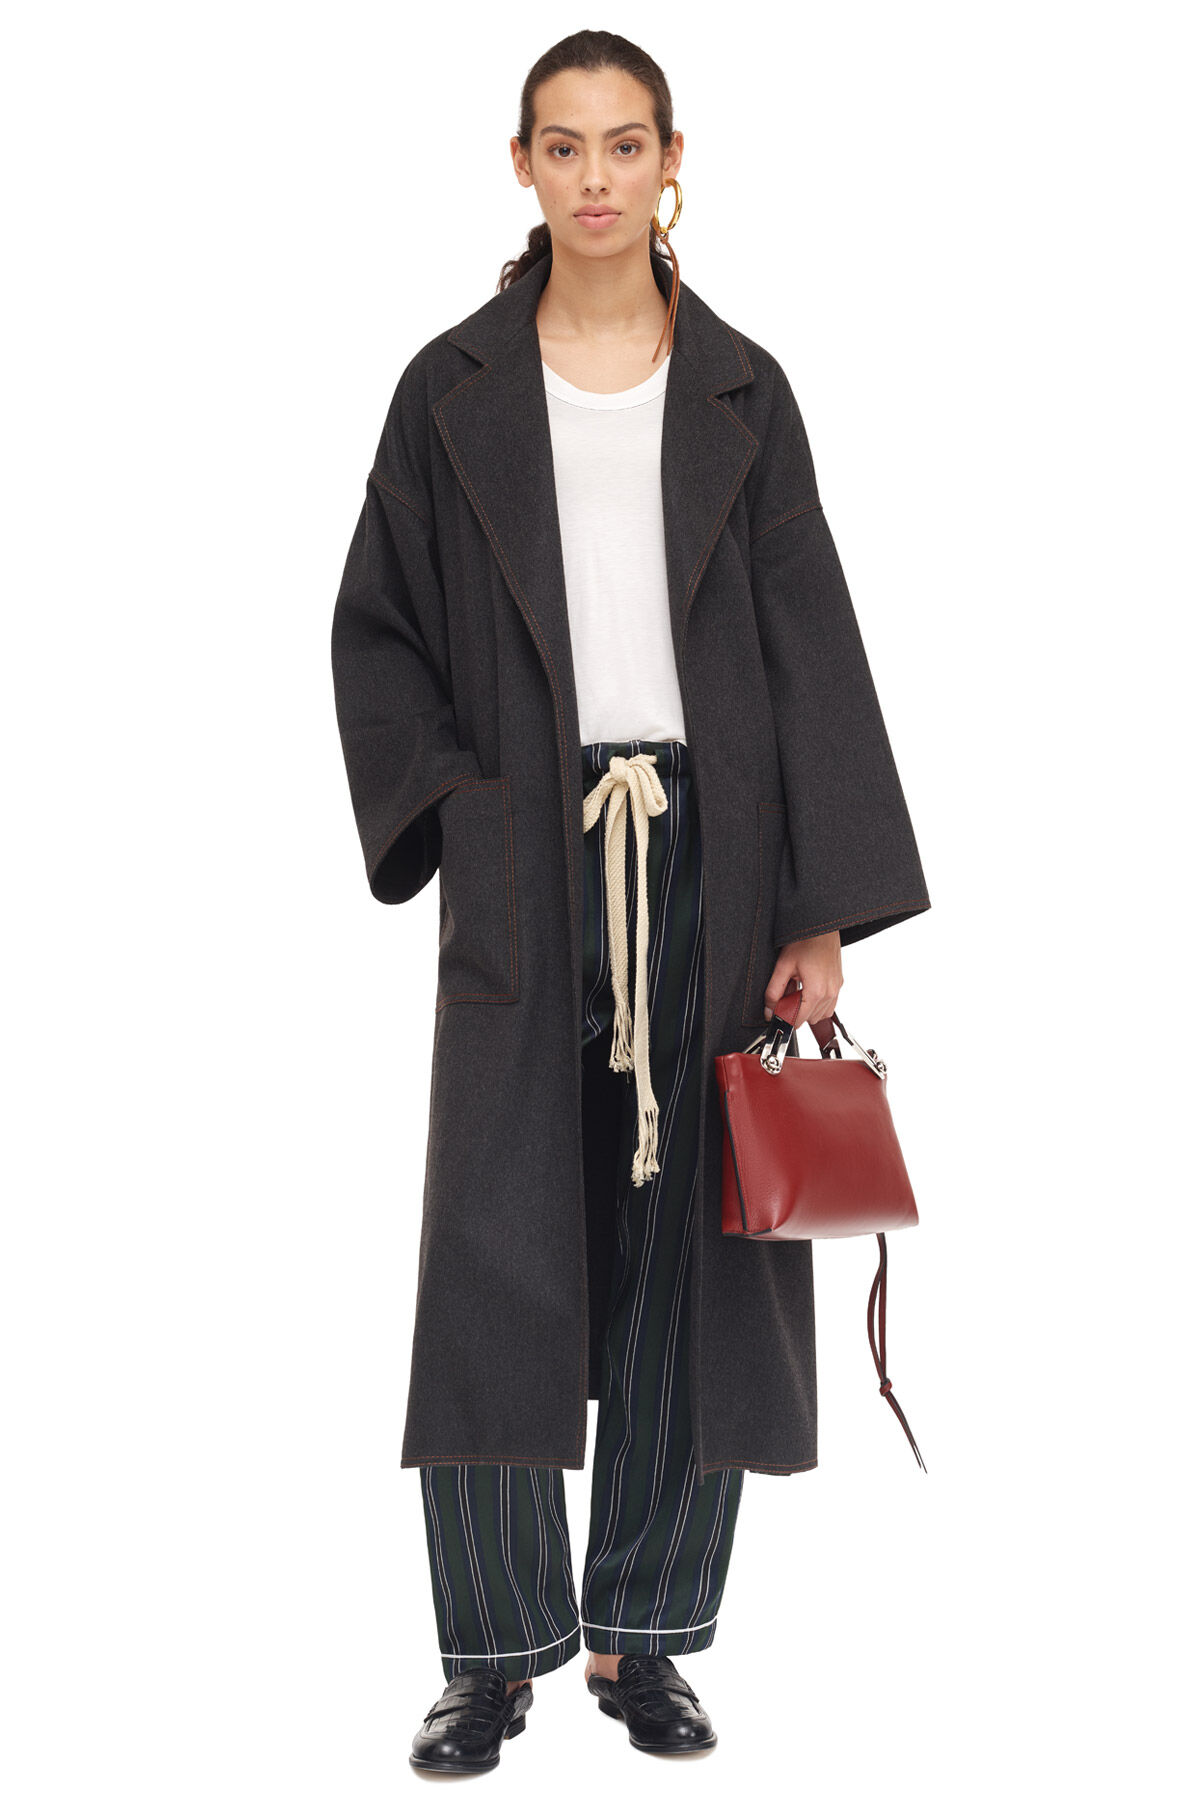 LOEWE Oversize Belted Coat Gris Melange all